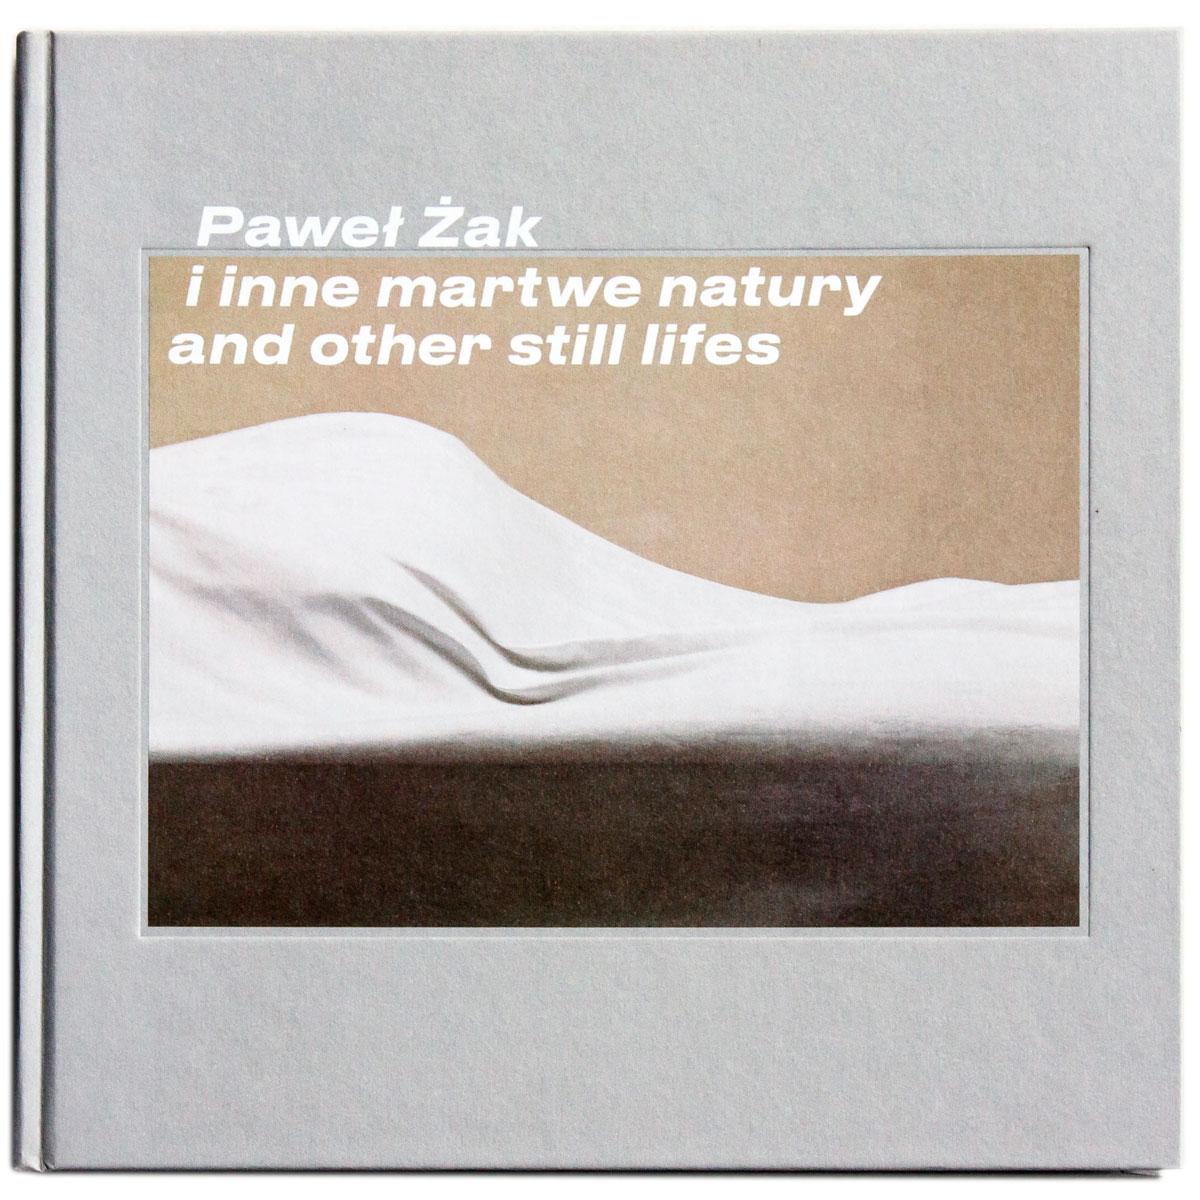 Paweł Żak, I inne martwe natury